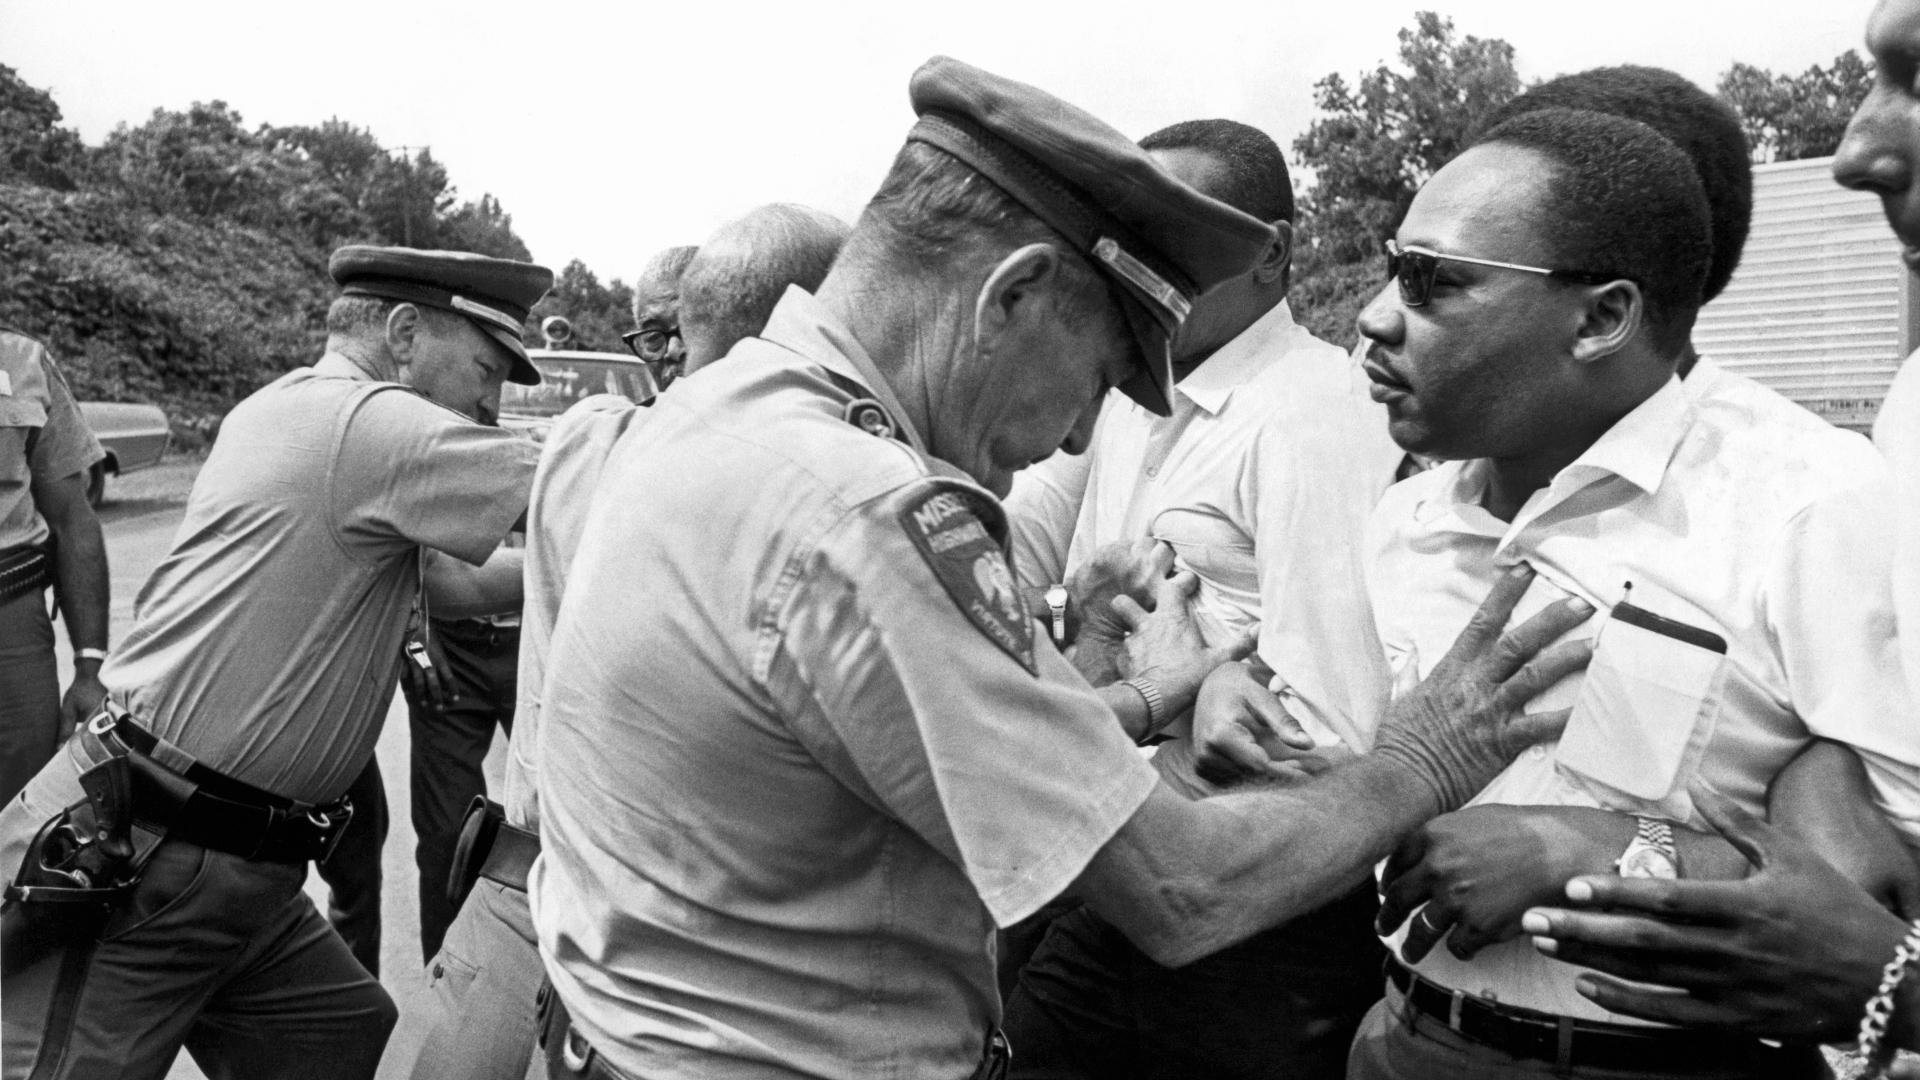 Mississippiko polizia Martin Luther Kingi bultzaka, Beldurraren Aurkako Martxan, 1966ko ekainean. (arg: Underwood Archives)